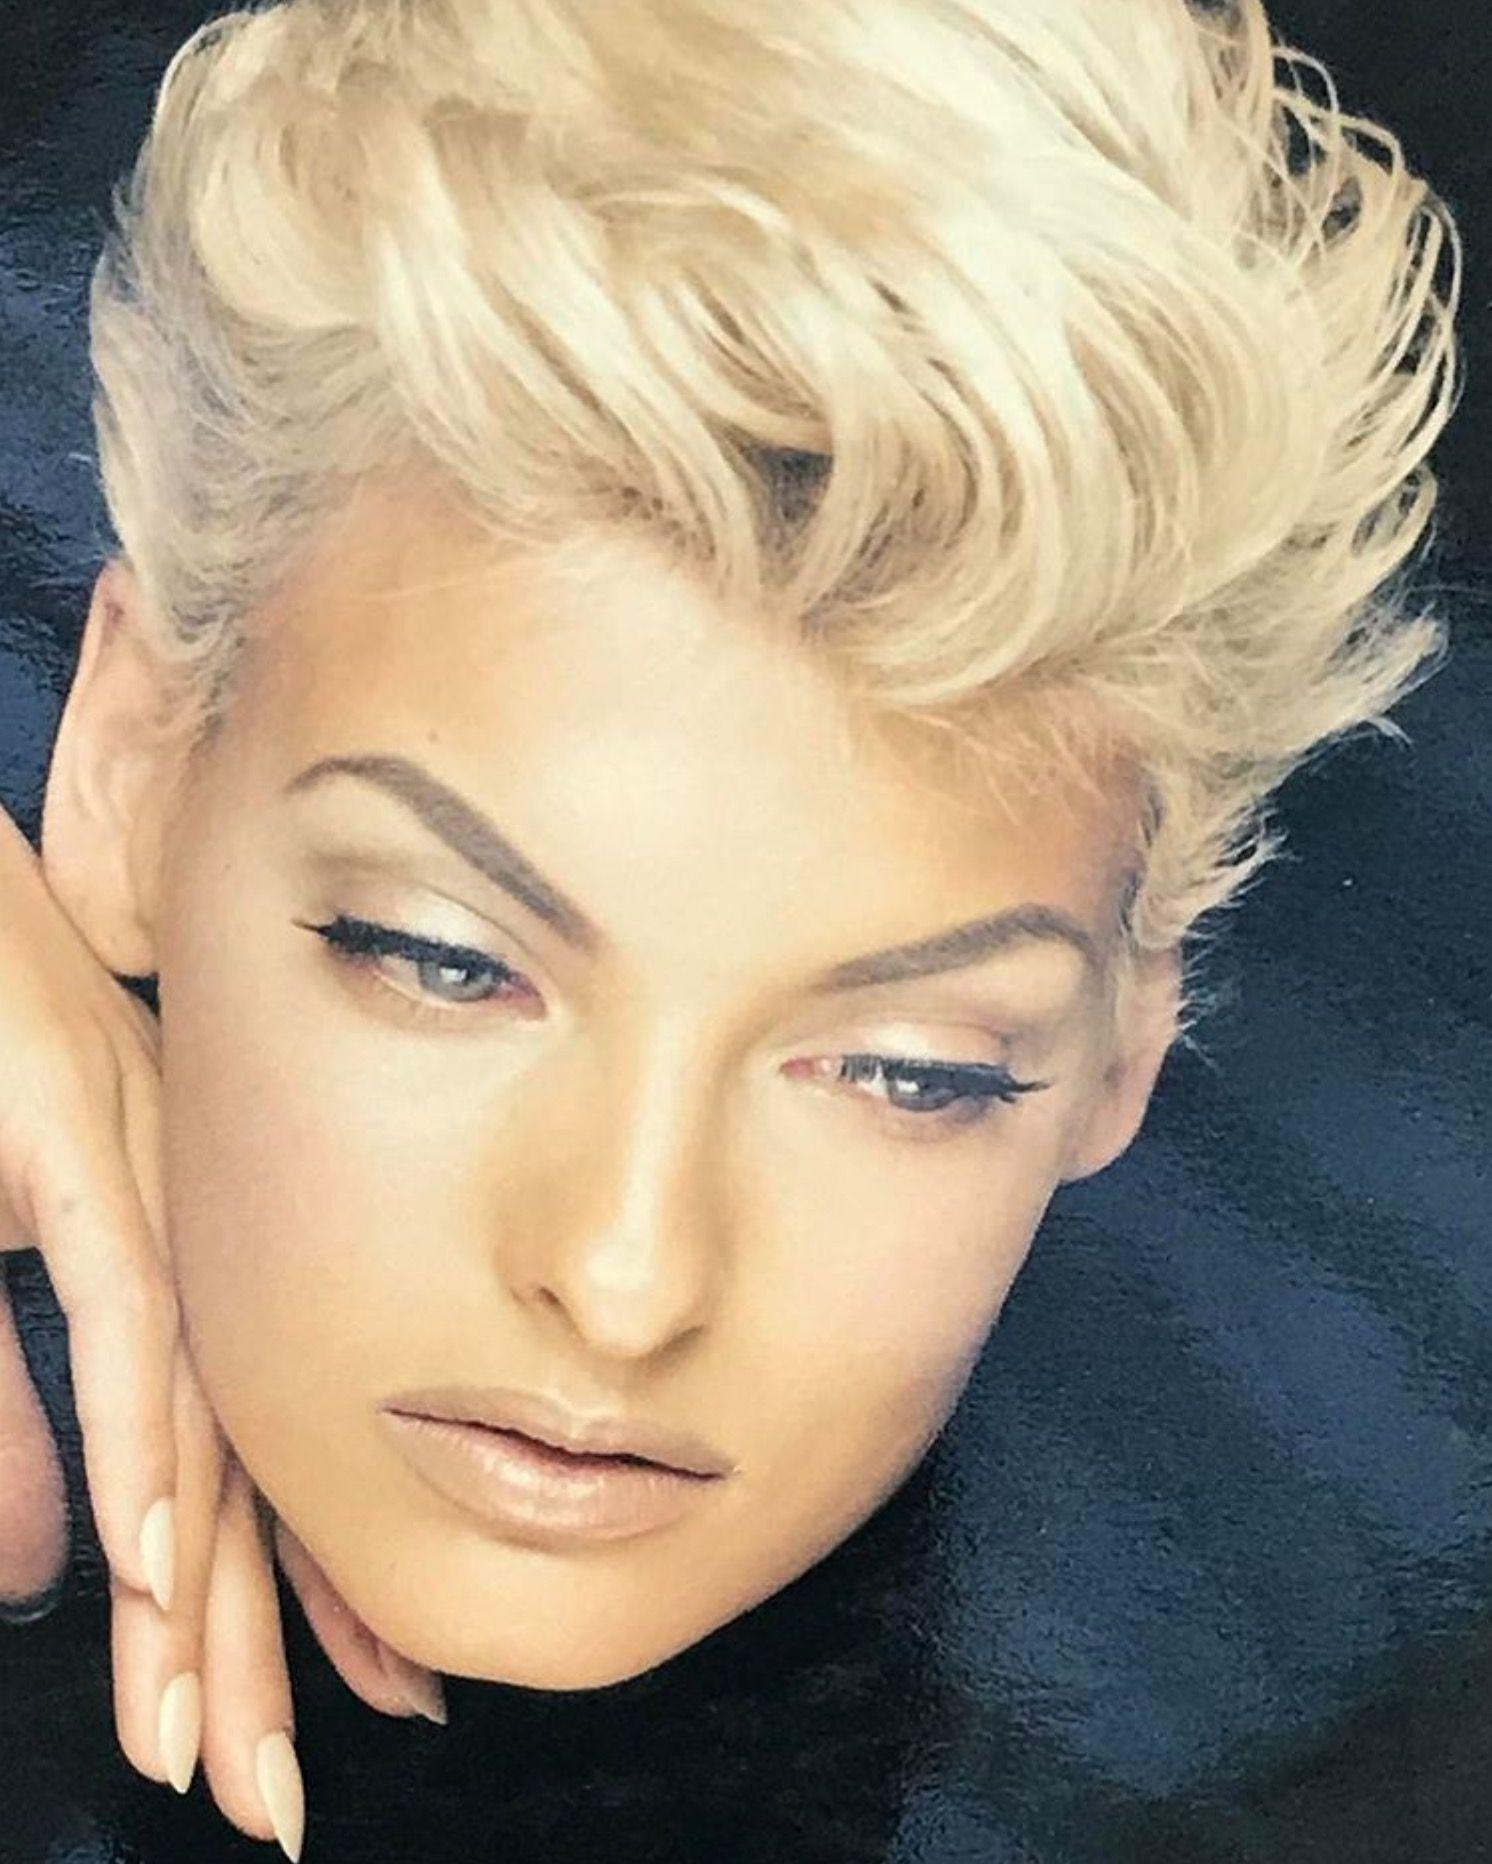 Linda Evangelista By Nick Knight Haar Styling Haarschnitt Kurz Frisuren